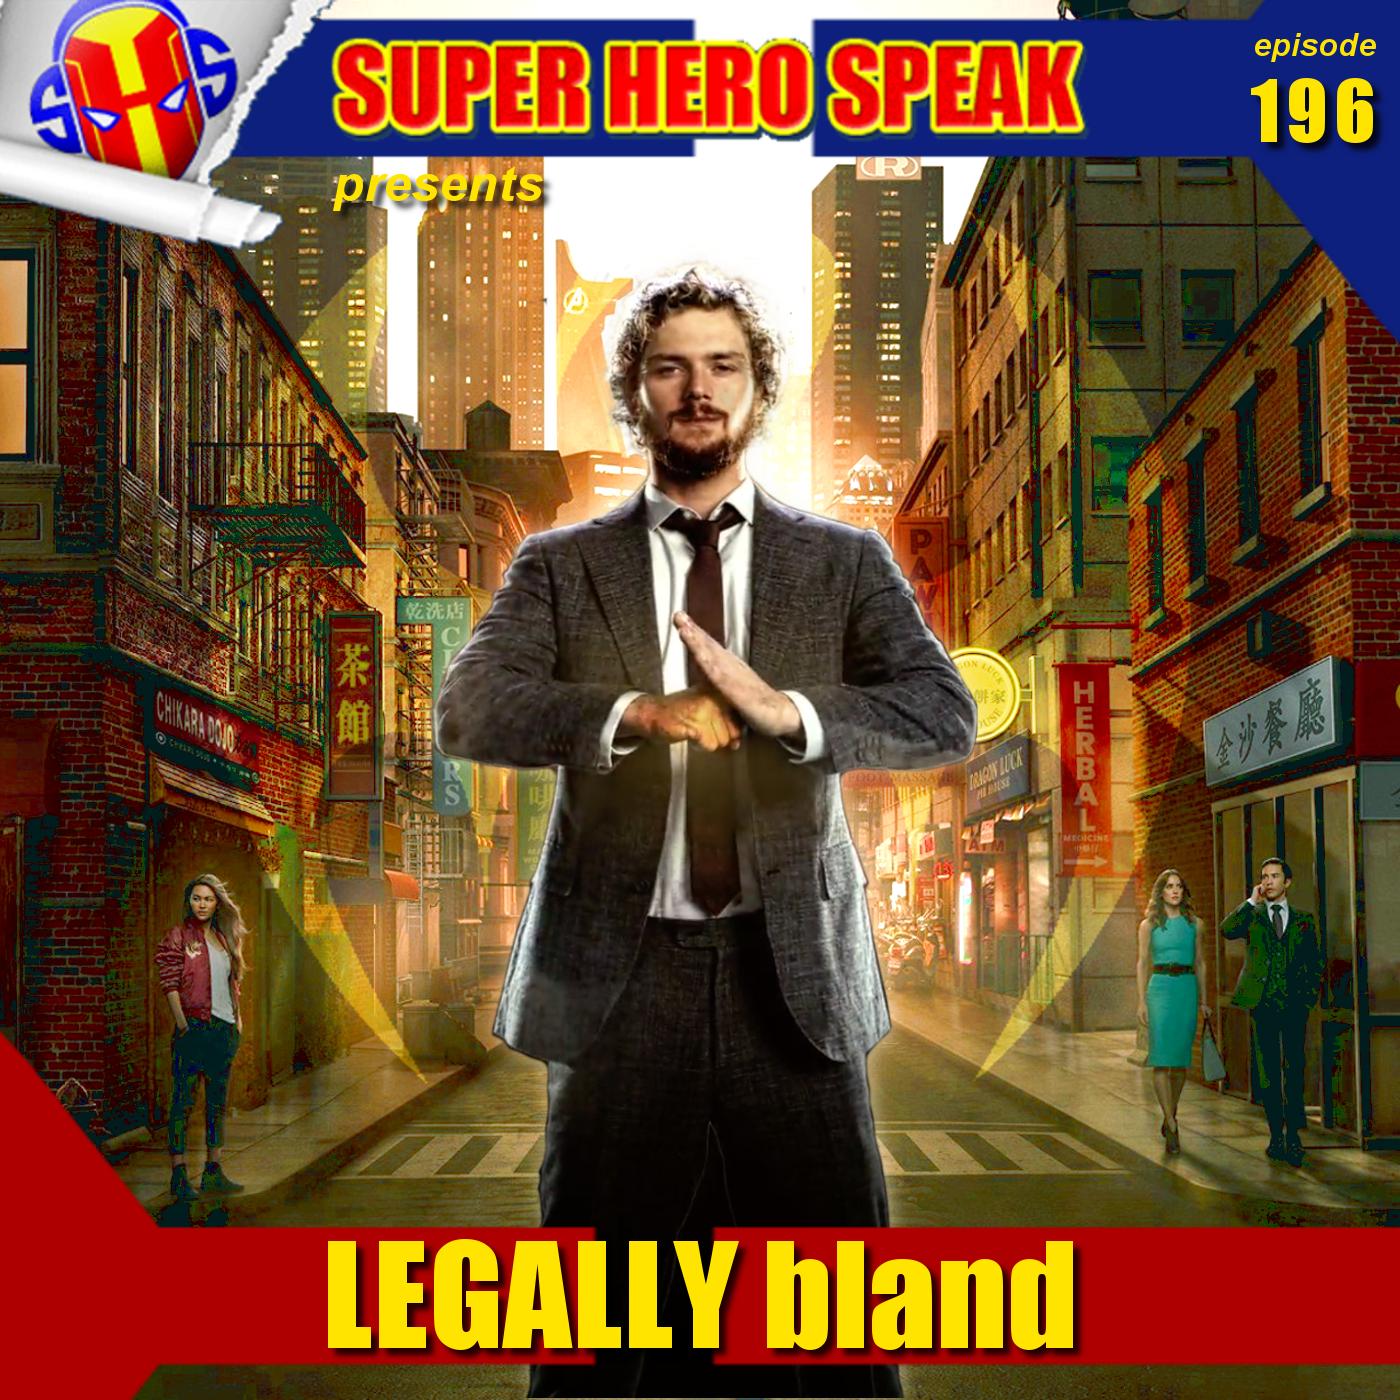 #196: Legally Bland